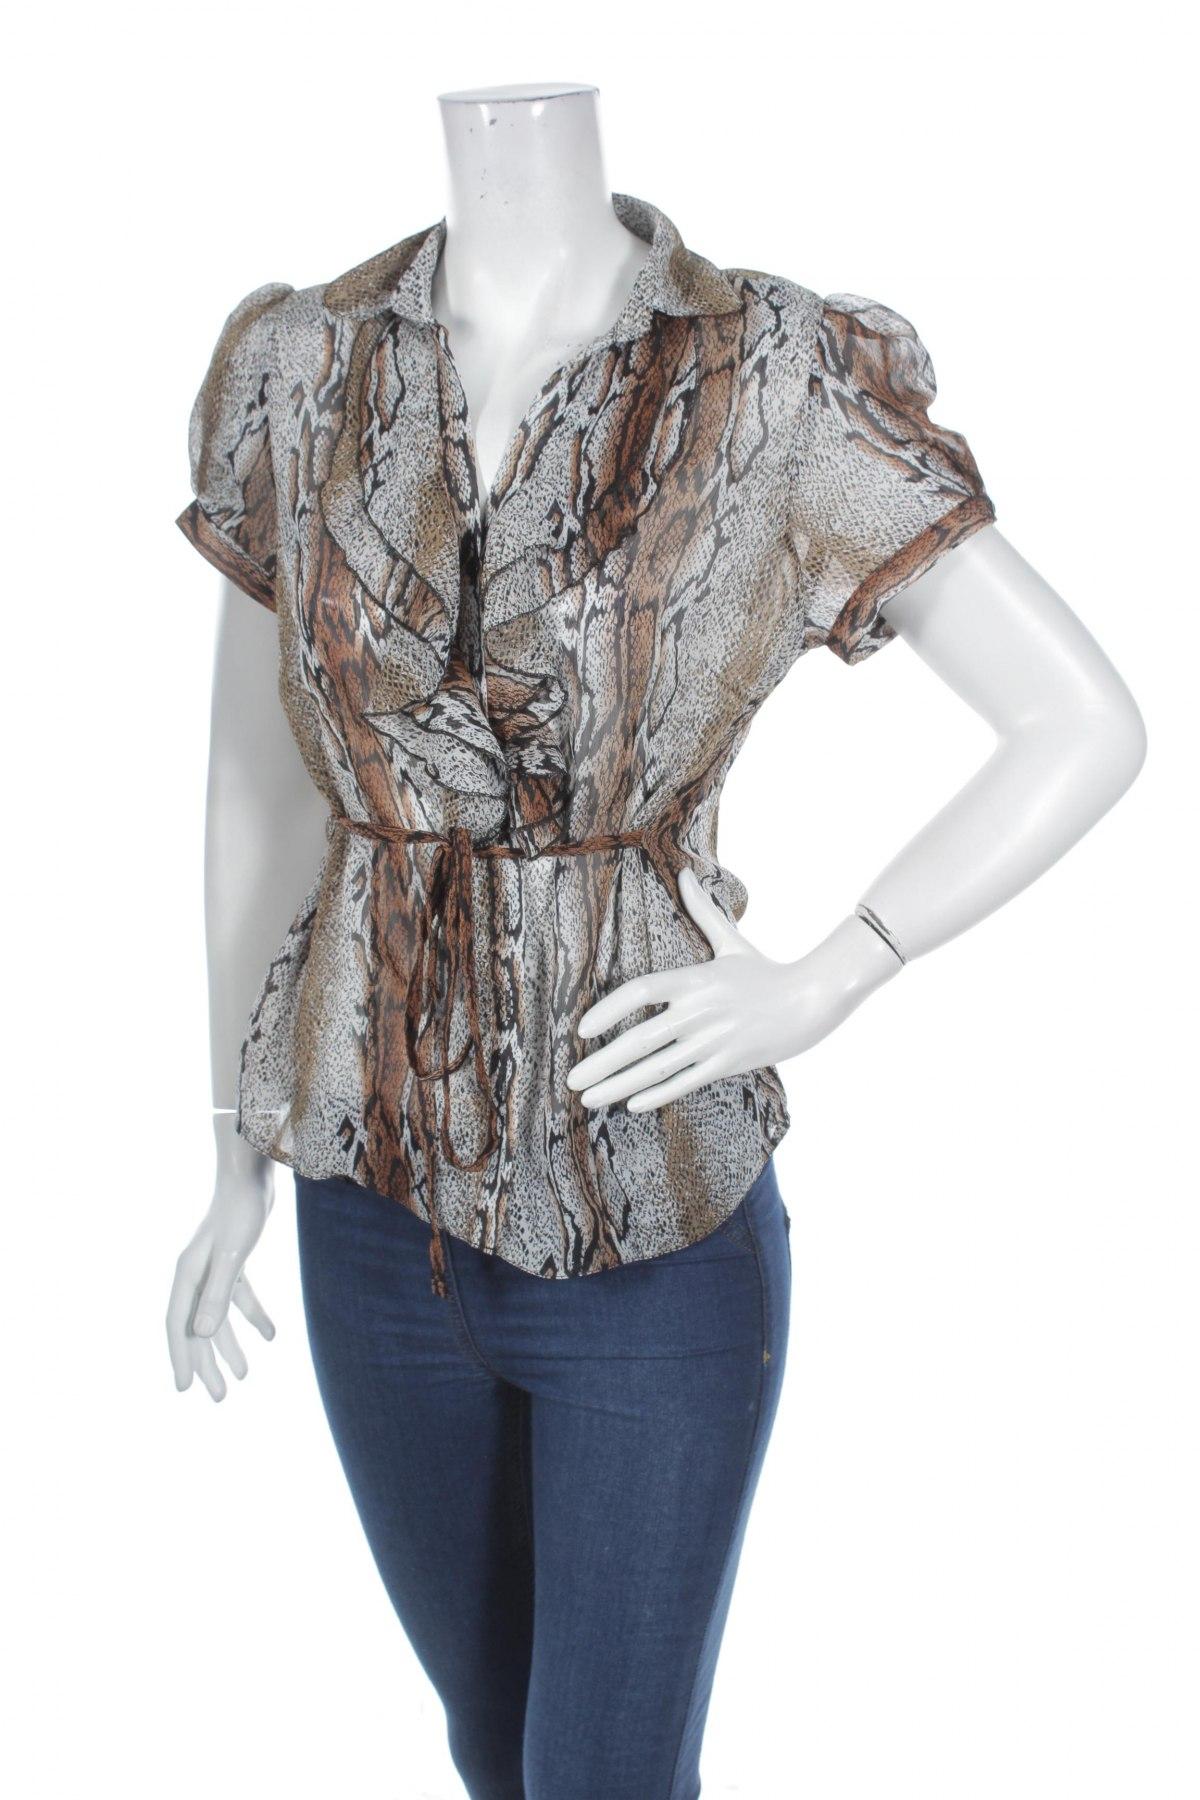 Γυναικείο πουκάμισο Marina Kaneva, Μέγεθος L, Χρώμα Πολύχρωμο, 100% πολυεστέρας, Τιμή 9,90€